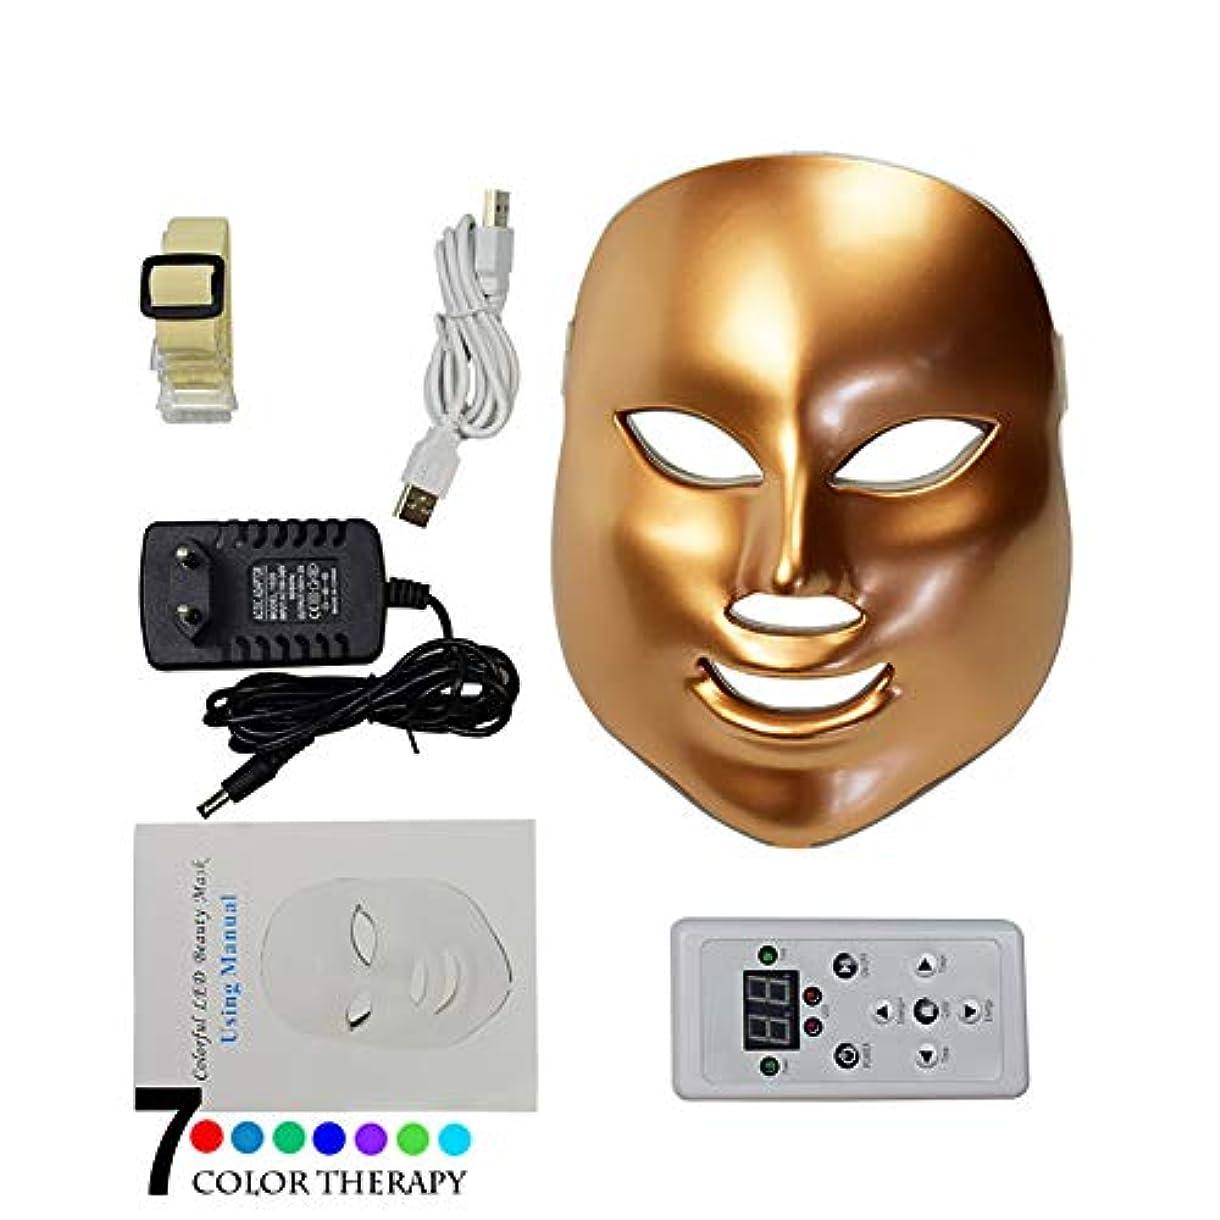 バス劣る大腿7色LEDフェイスマスク、7色LEDスキン光線療法器具、健康的な肌の若返りのためのレッドライトセラピー、アンチエイジング、しわ、瘢痕化,Gold